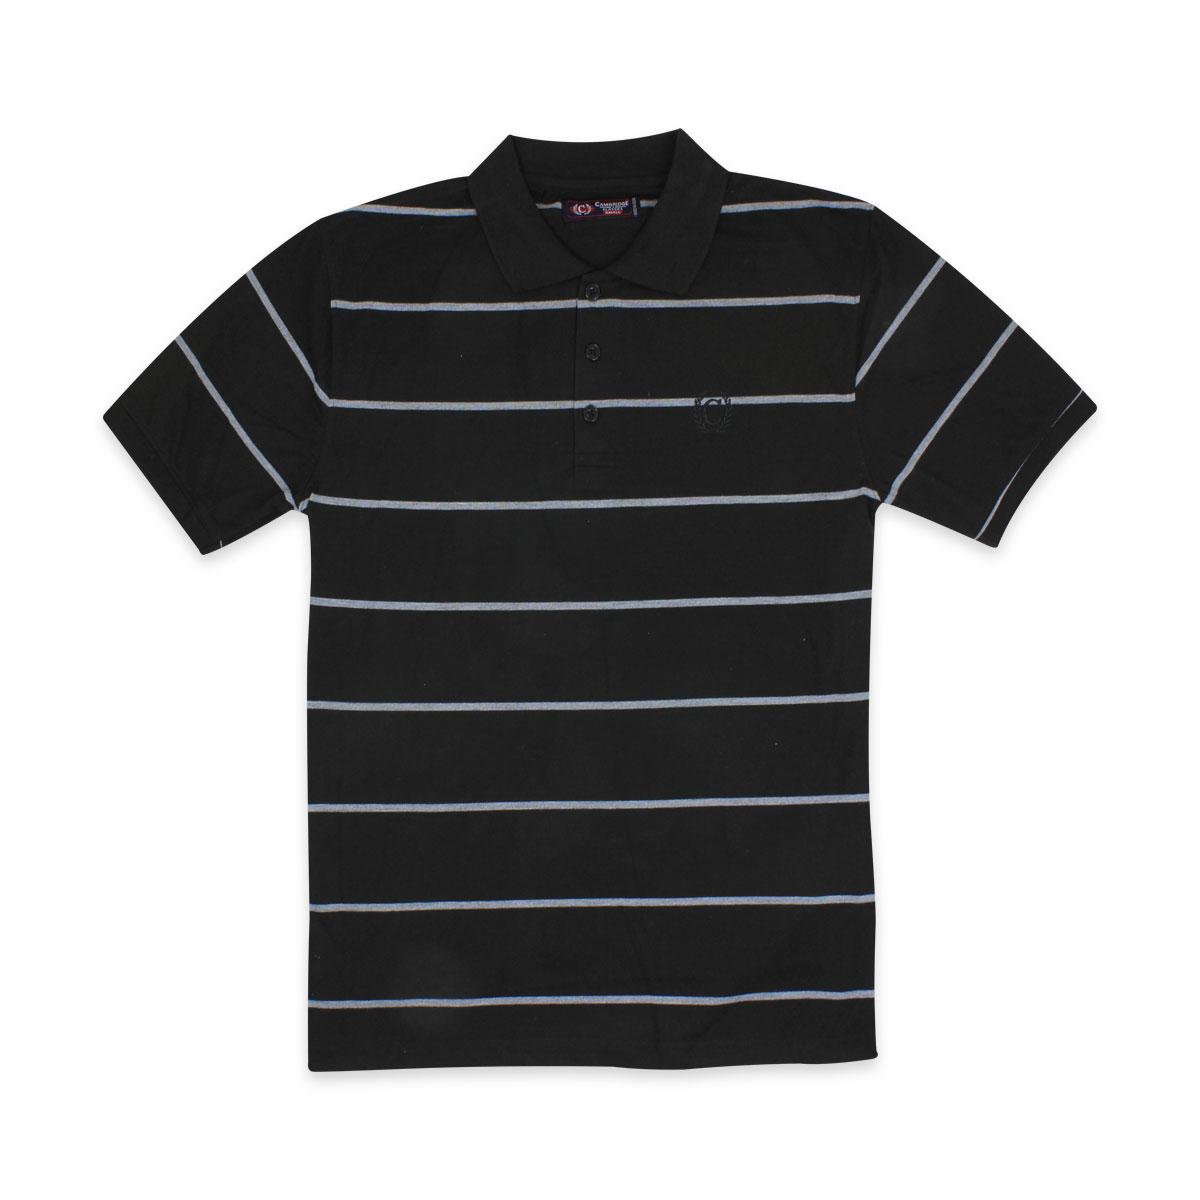 Camisas-Polo-Para-Hombre-A-Rayas-Pique-Con-Cuello-camiseta-Camiseta-Manga-Corta-De-Verano-S-M-L-XL miniatura 35